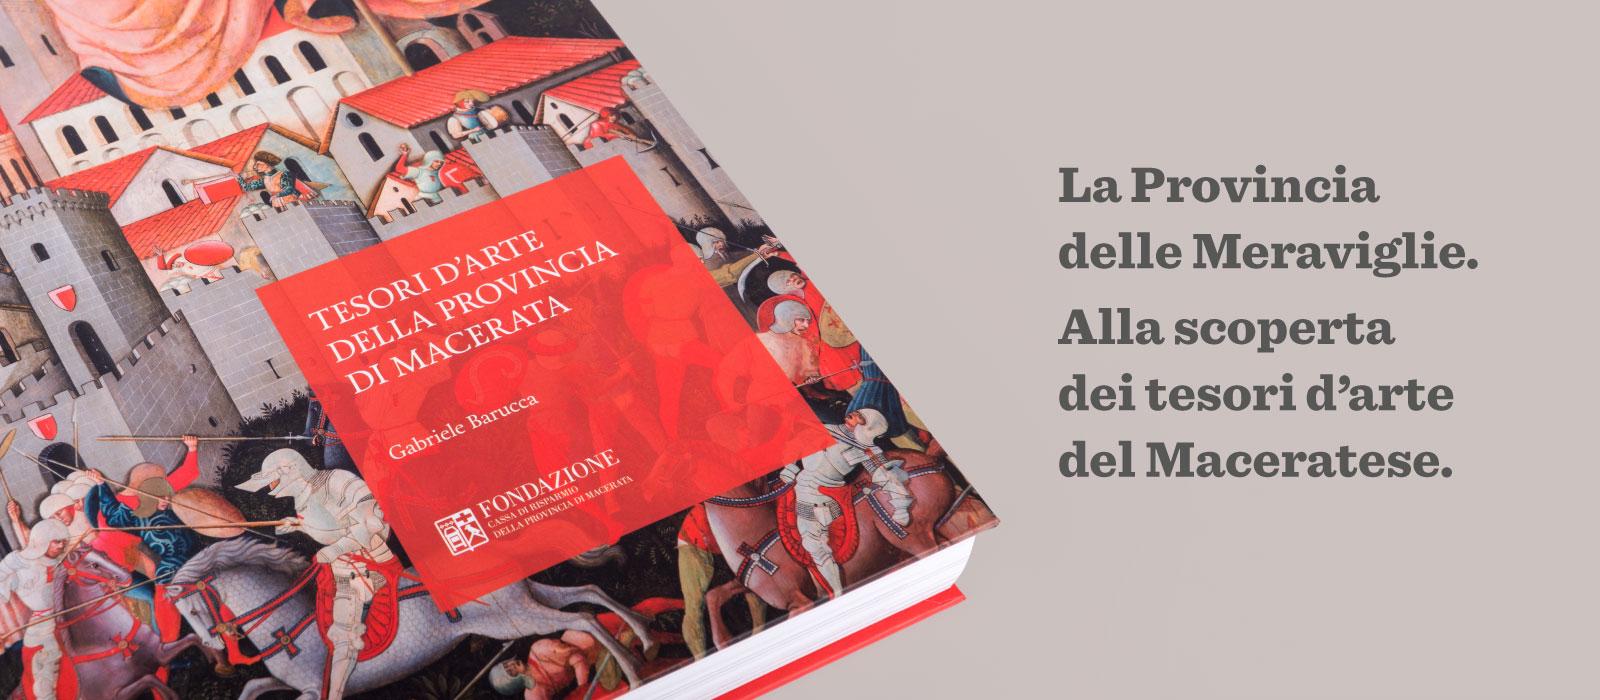 Memphiscom cura il progetto grafico editoriale del libro Tesori d arte della provincia di Macerata